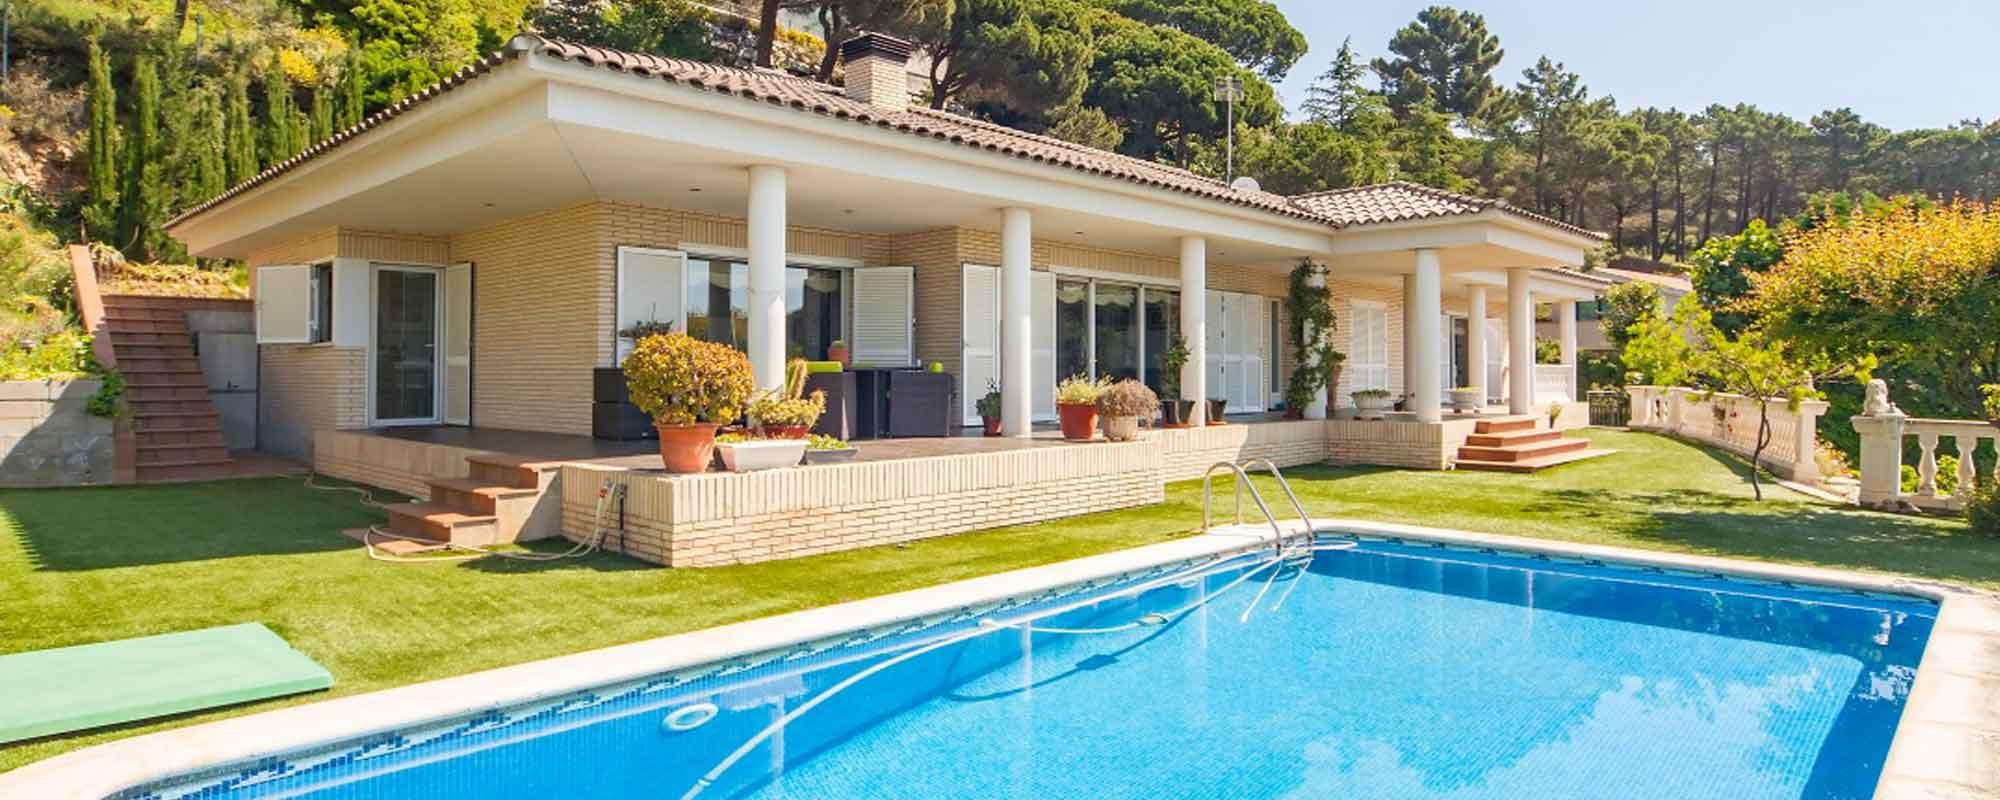 Casas de lujo y pisos en venta y alquiler en maresme y vall s oriental - Alquiler casas de lujo ...